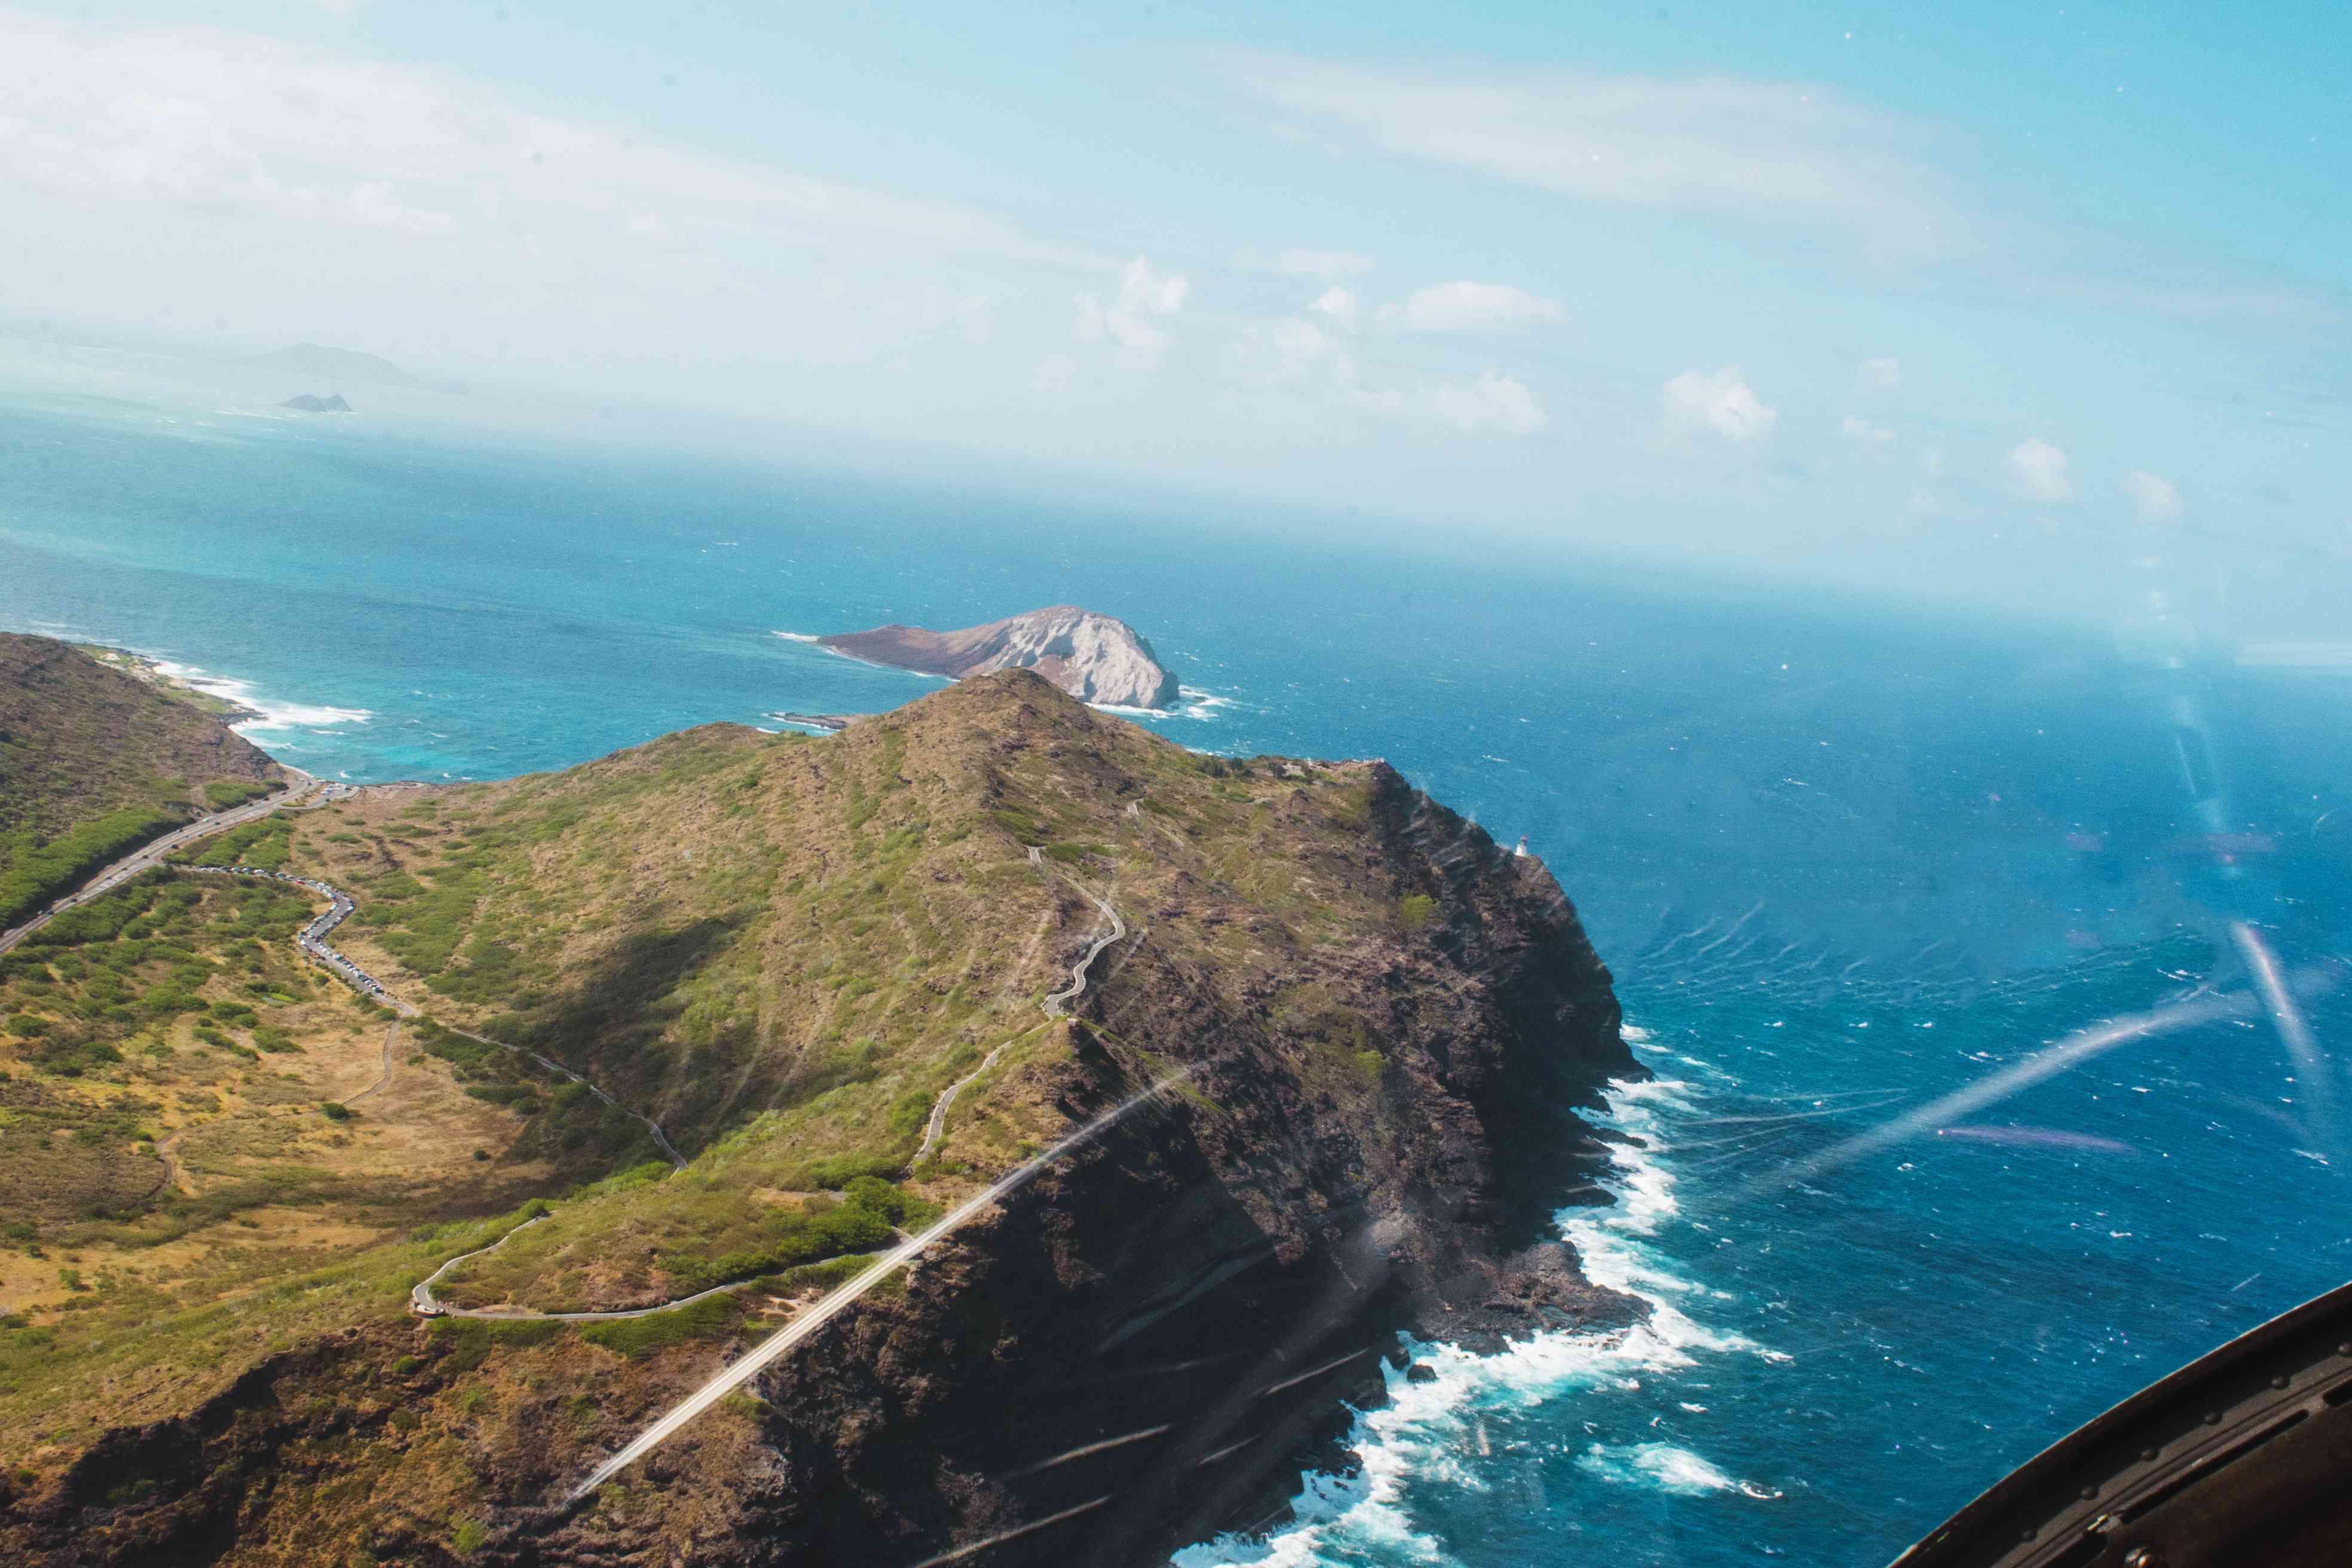 Aerial view of Makapu'u Point